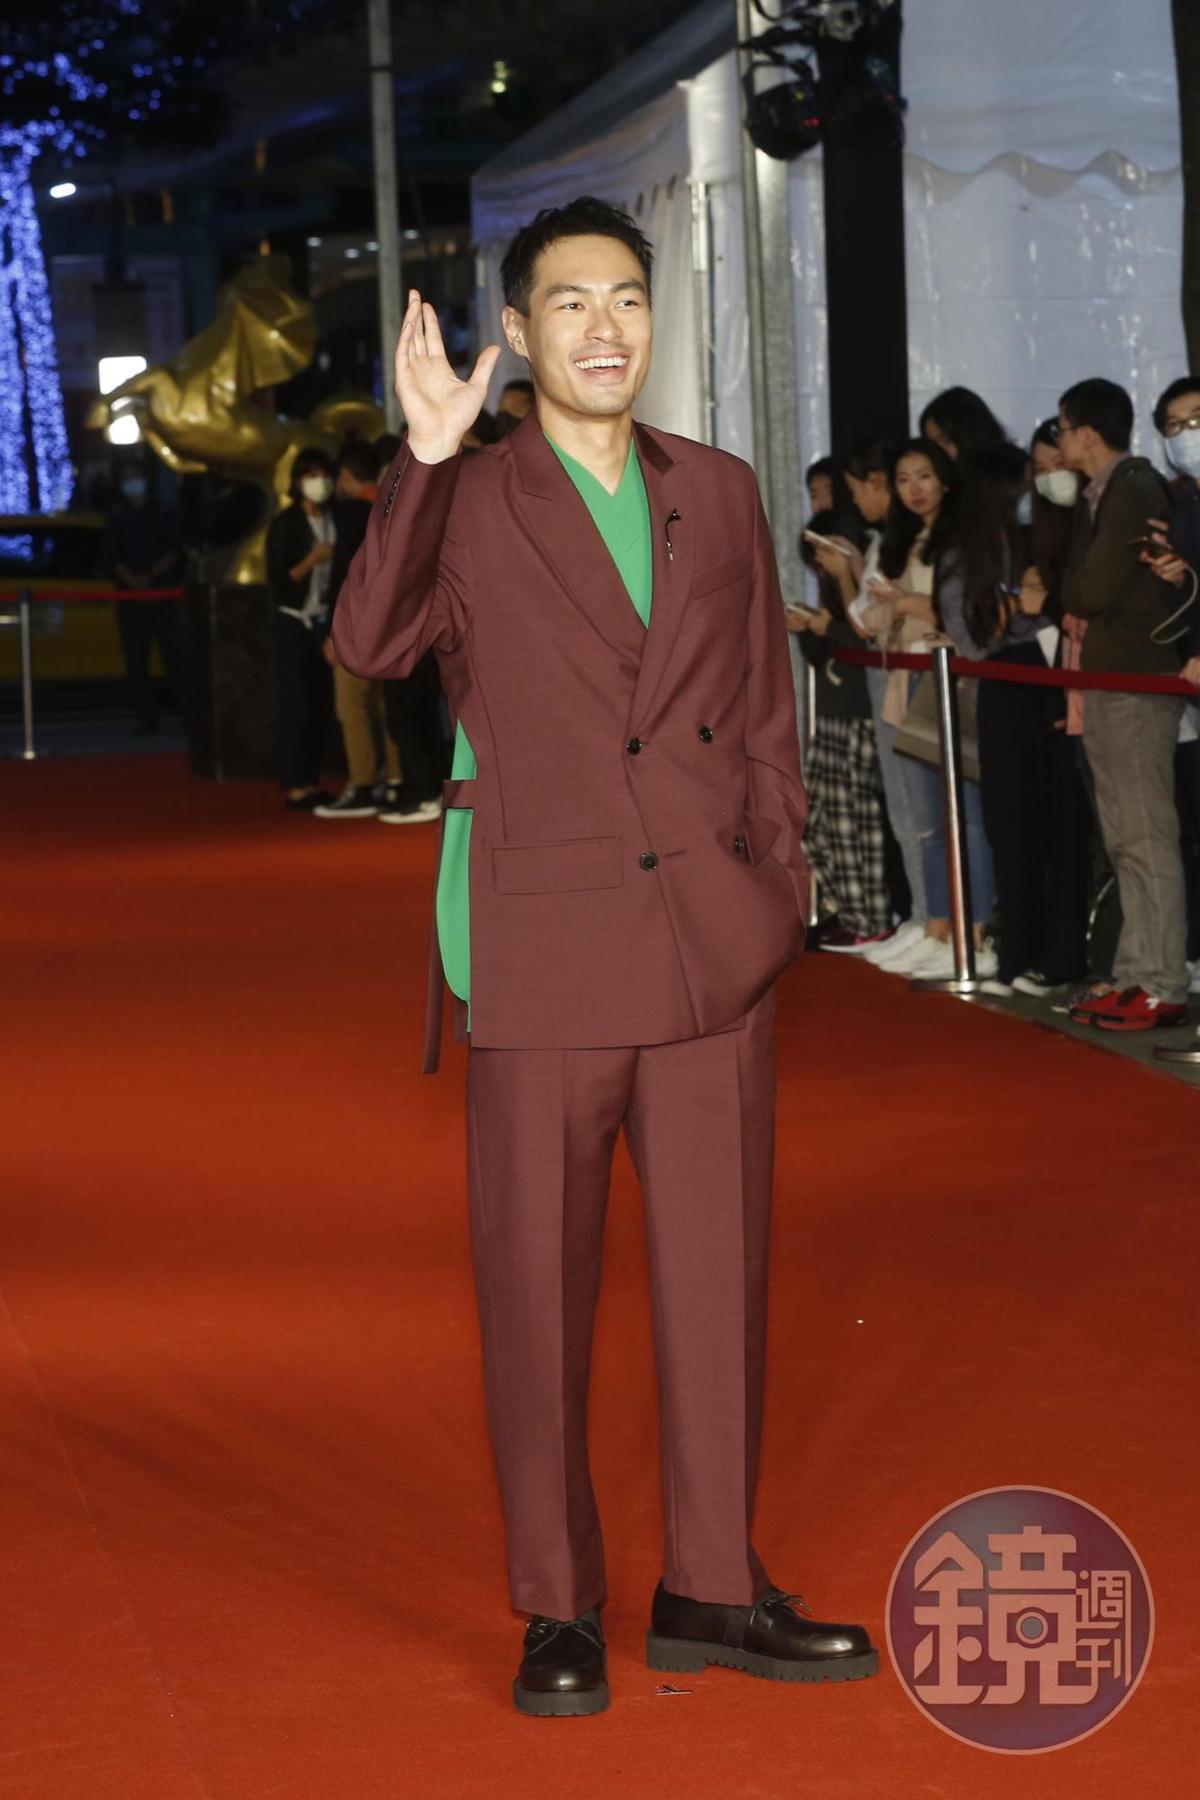 楊祐寧自曝高中參加熱舞社,目的是想把妹,而他苦練國標舞,戲裡跳得有模有樣。